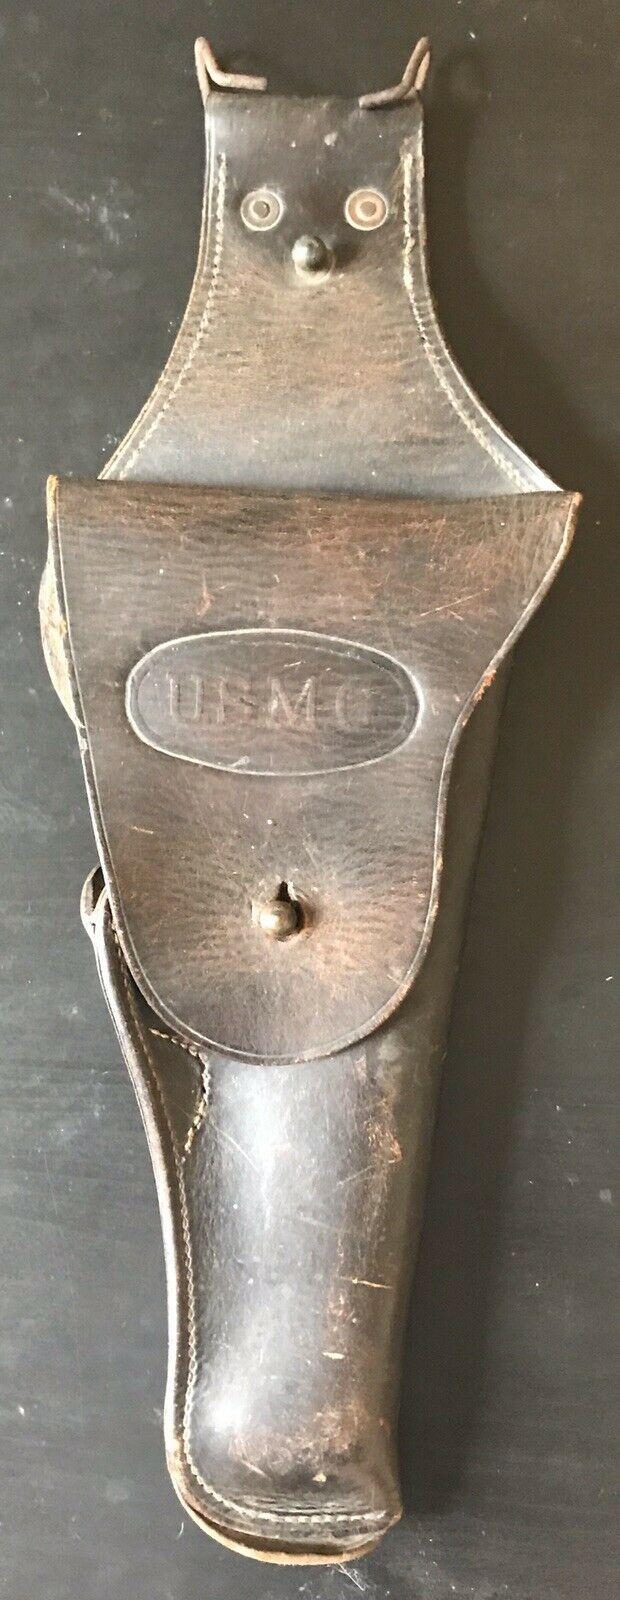 Colt 45 1911 Remington Neutra - Page 2 Holste16